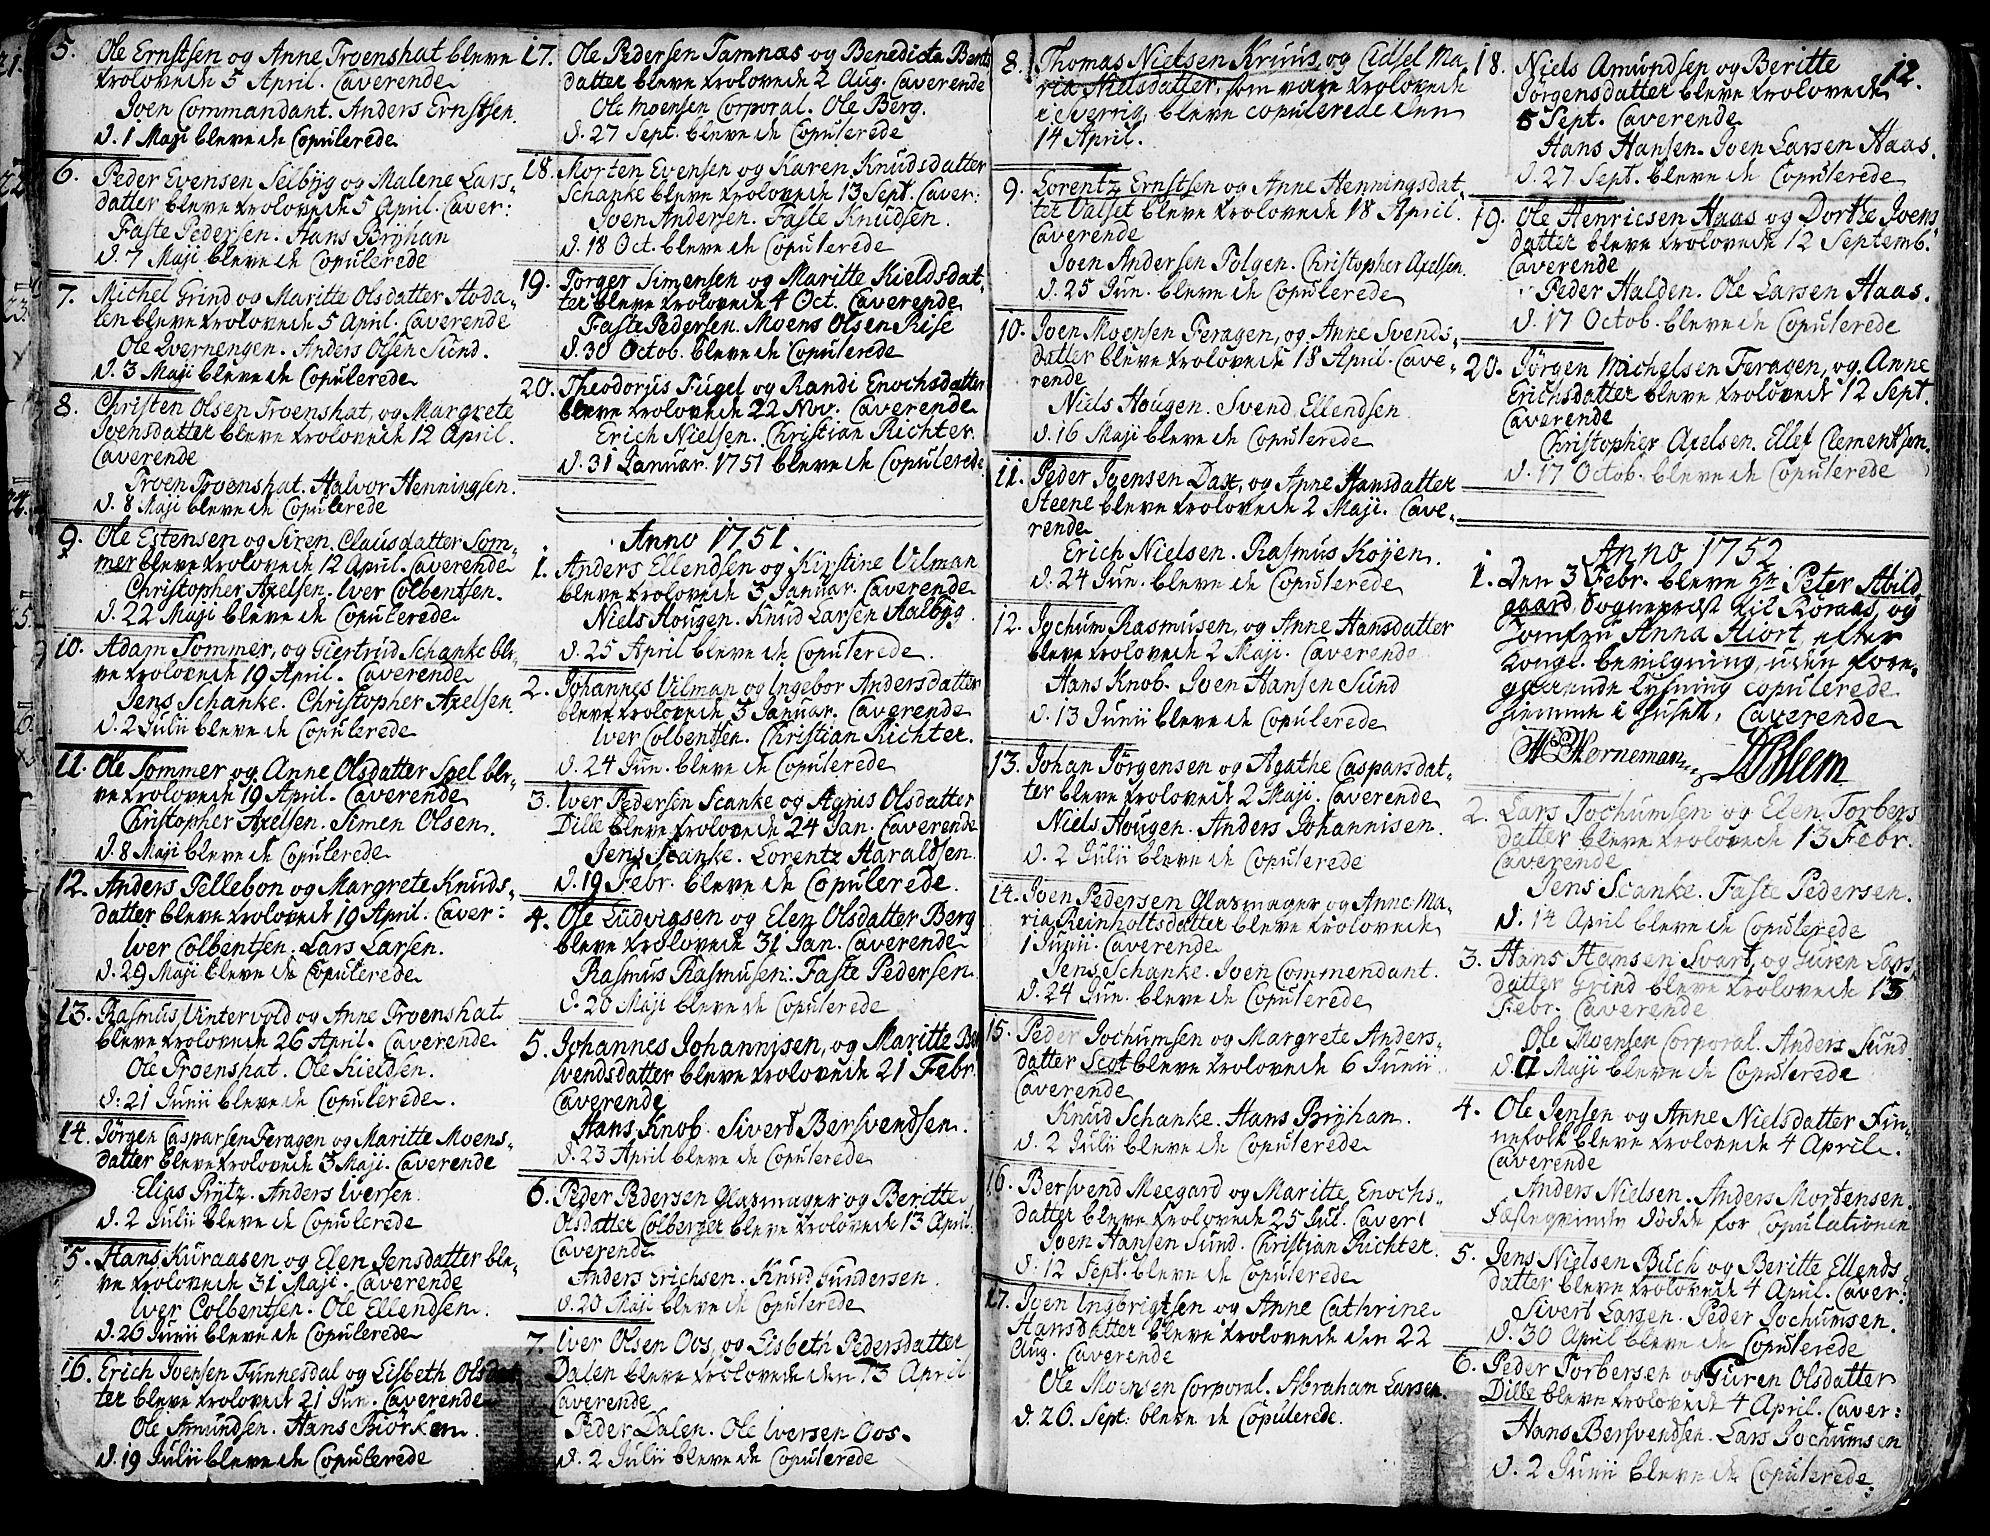 SAT, Ministerialprotokoller, klokkerbøker og fødselsregistre - Sør-Trøndelag, 681/L0925: Ministerialbok nr. 681A03, 1727-1766, s. 12